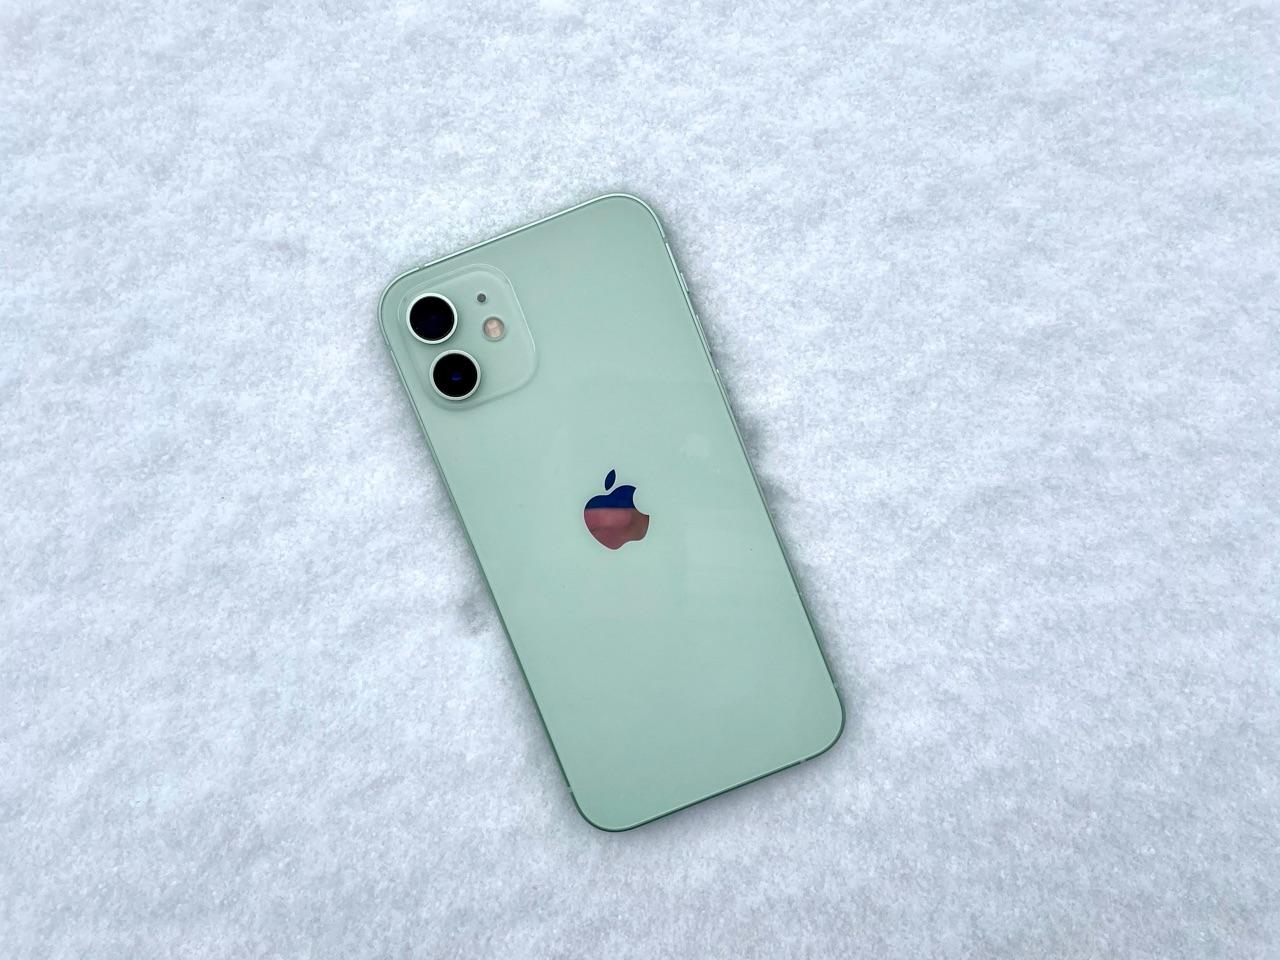 iPhone 12 in sneeuw tijdens de winter.